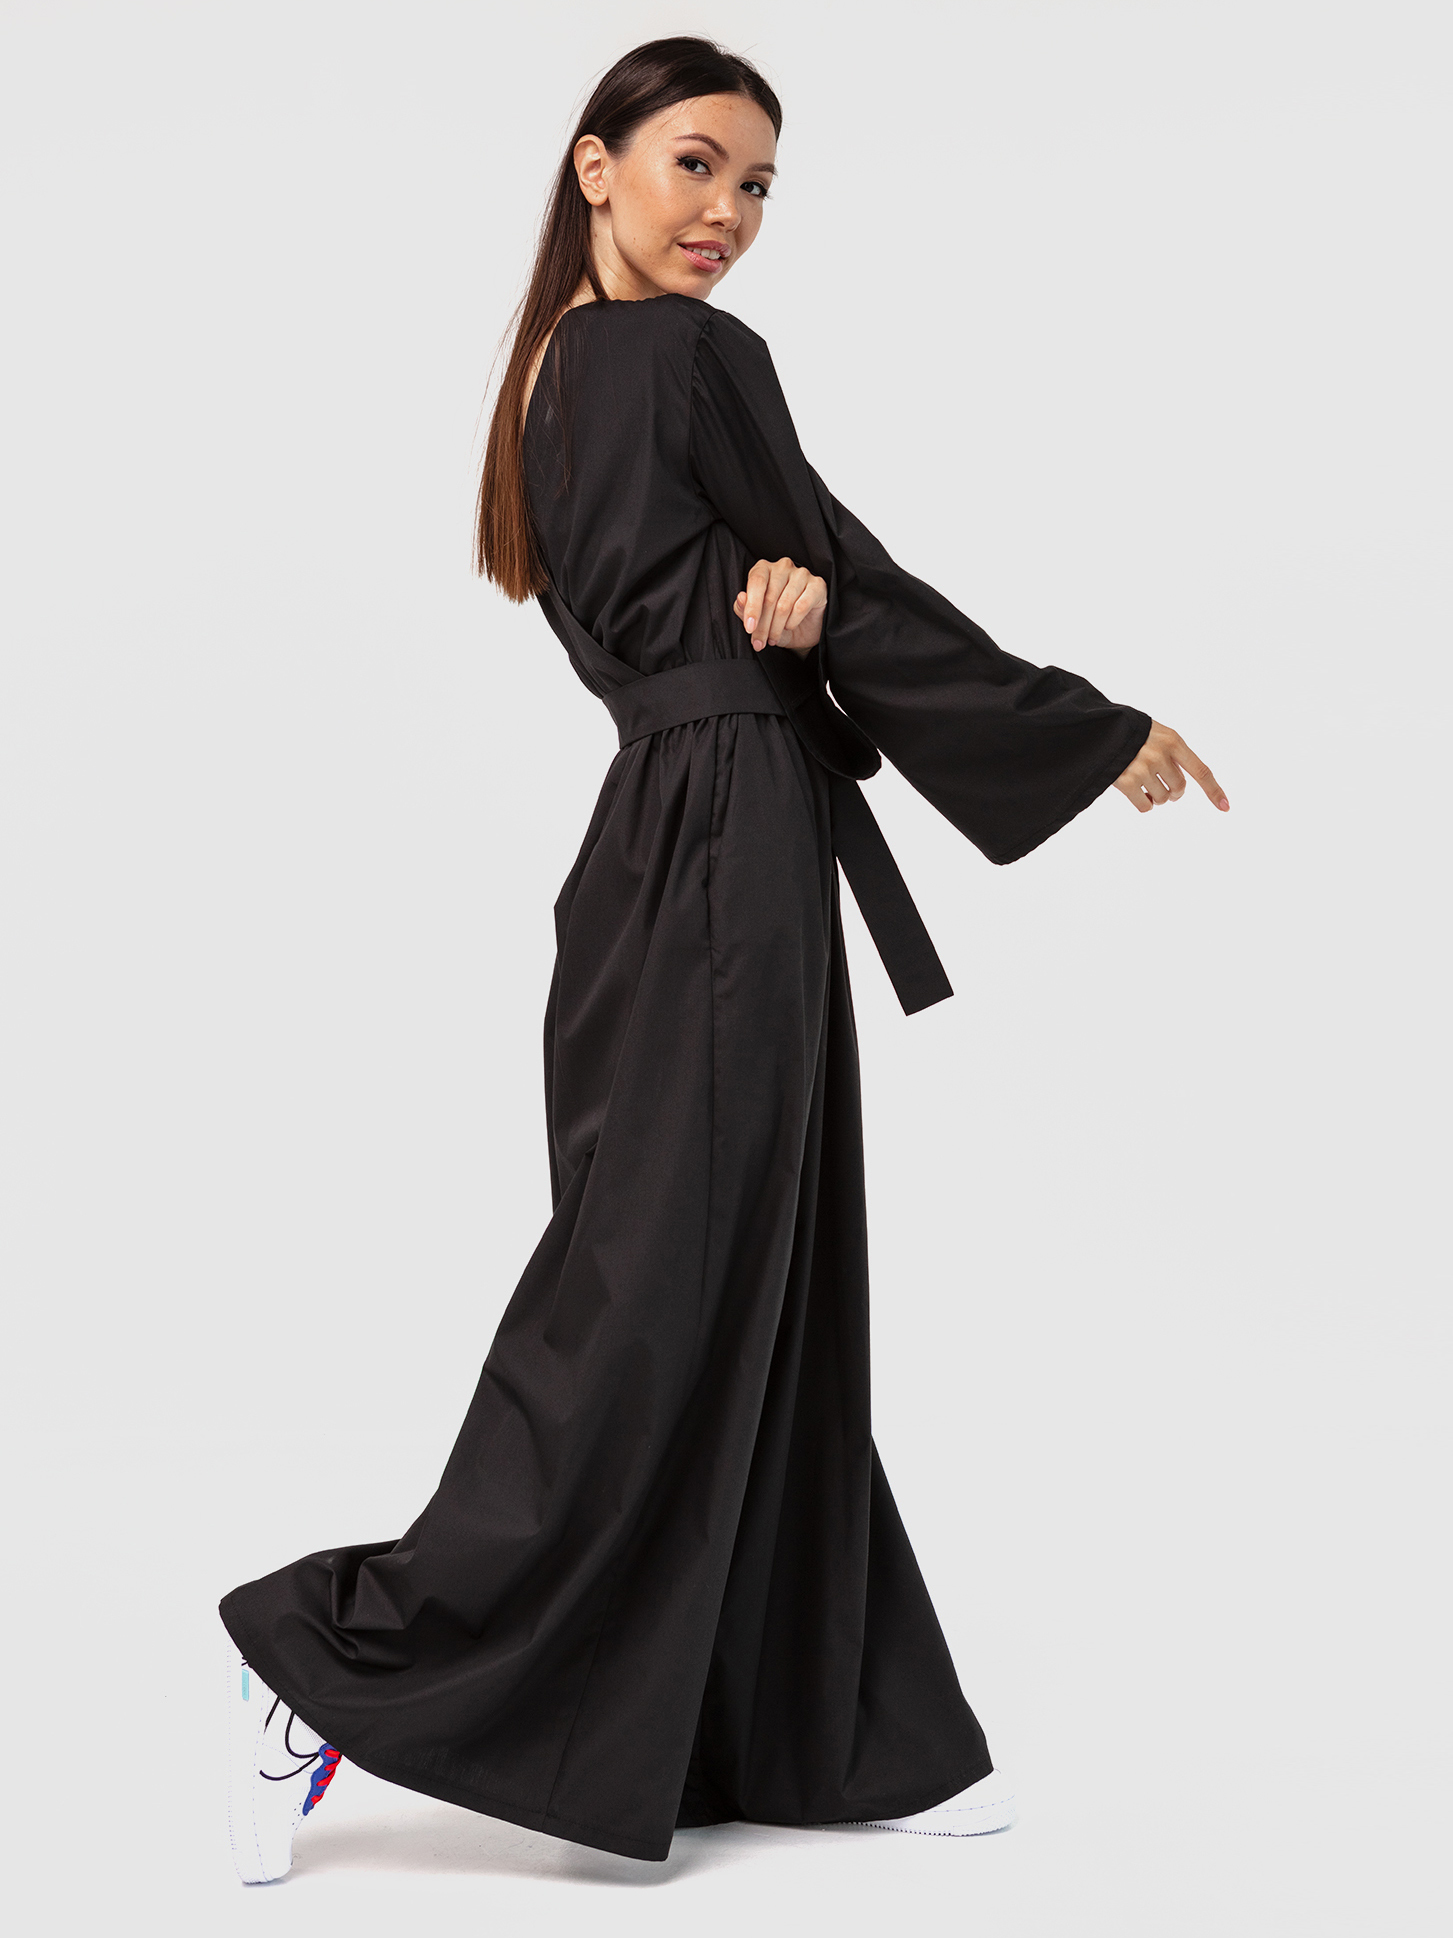 Комбинезон черный с открытой спинкой YOS от украинского бренда Your Own Style